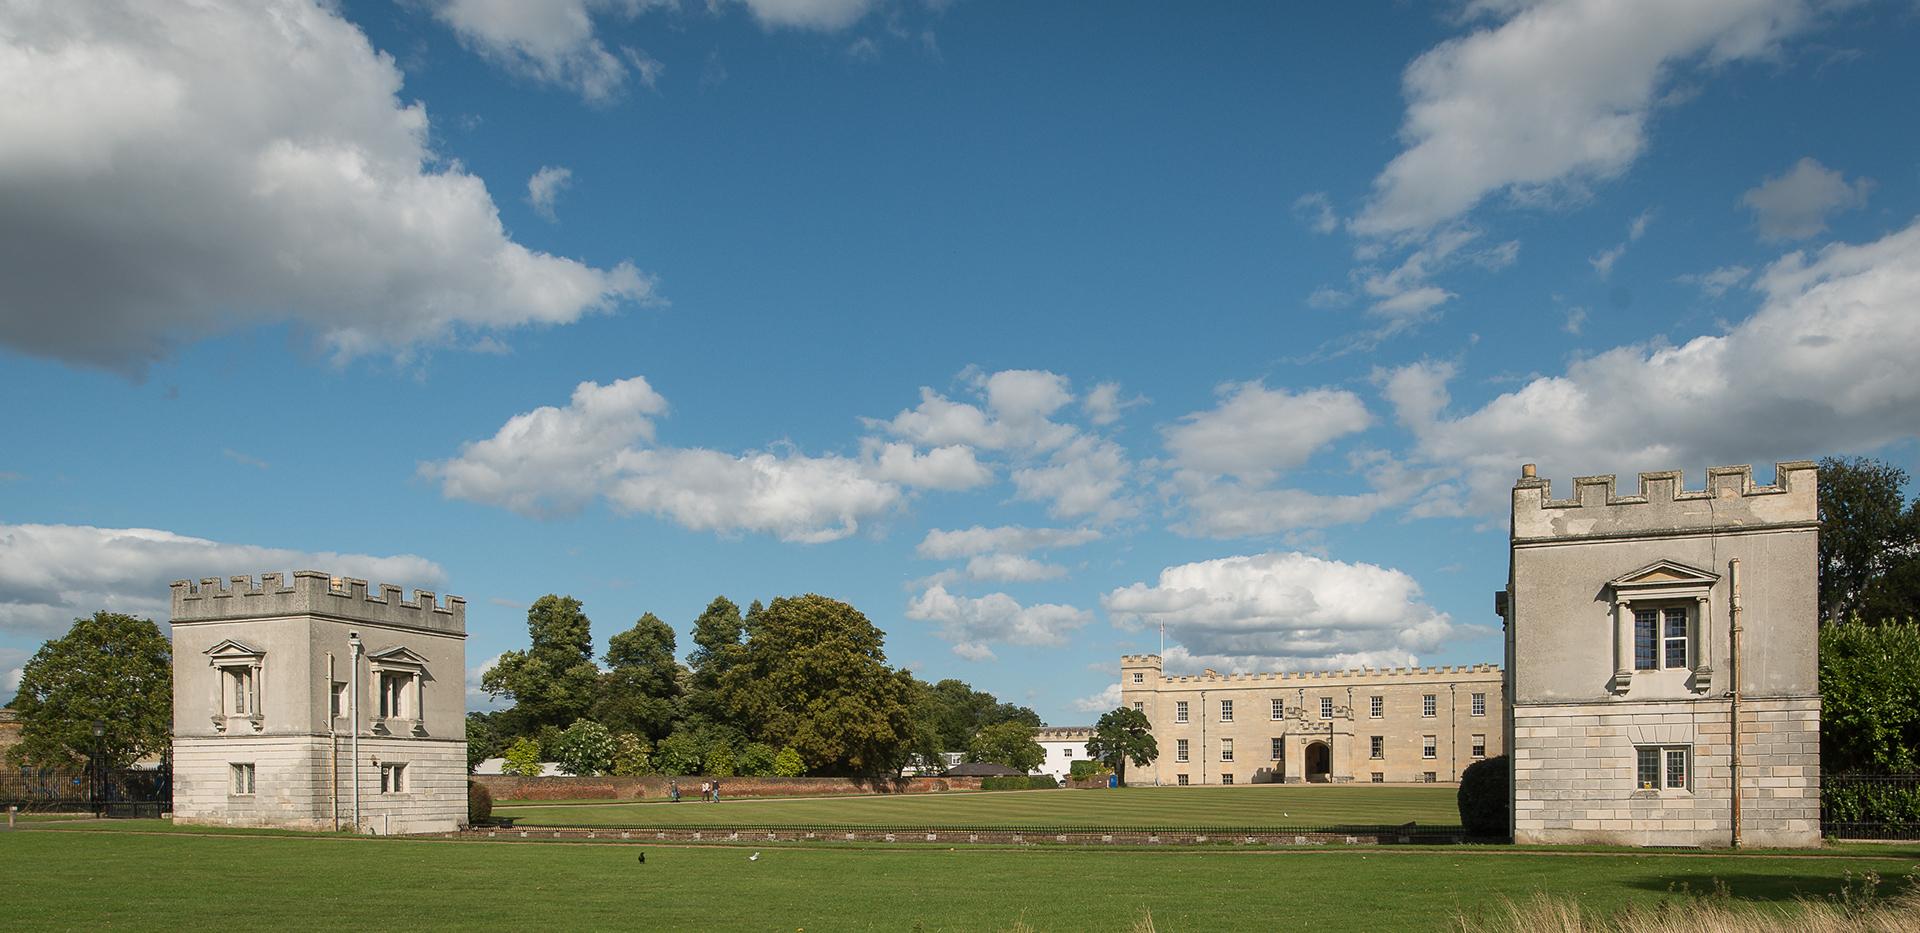 St James, Fitzroy Gate, Syon house